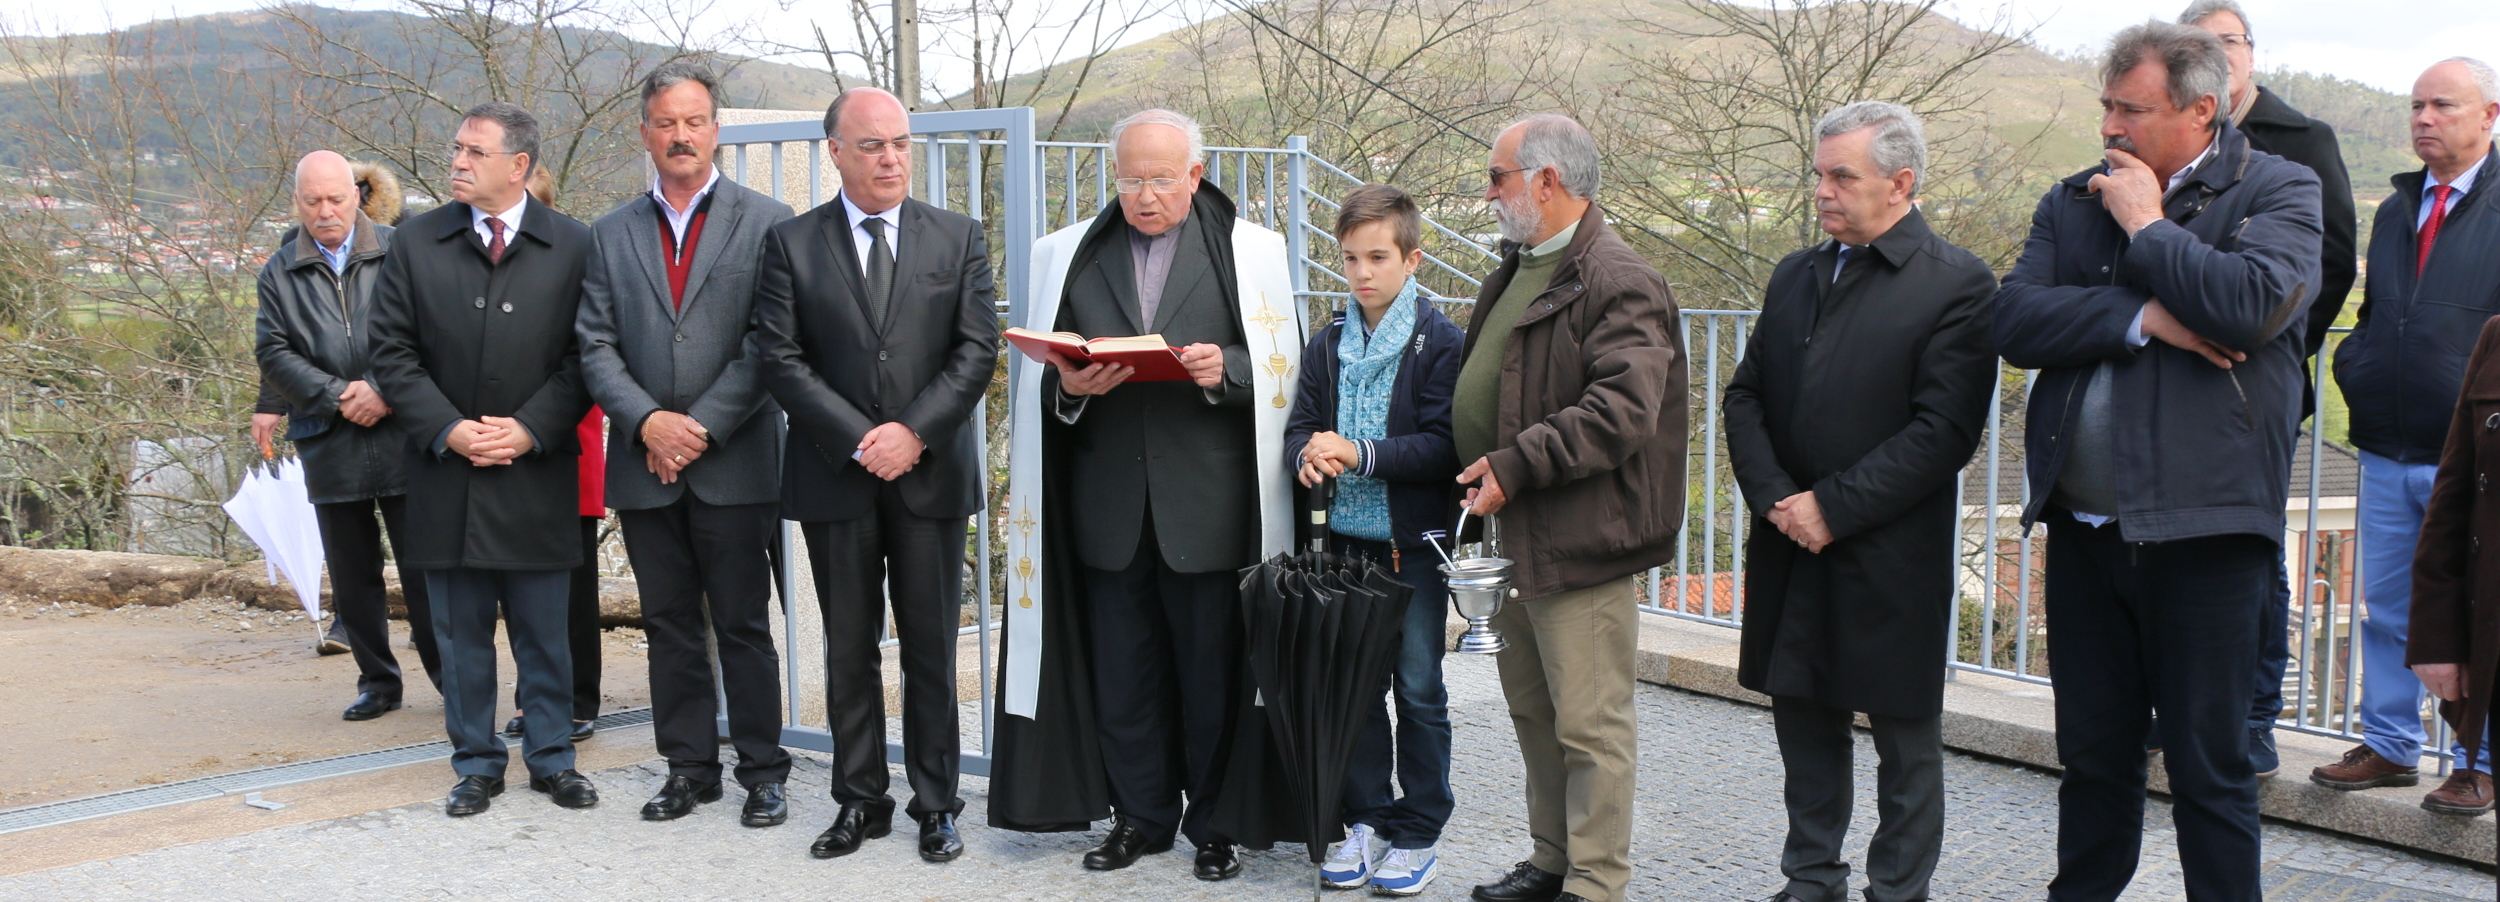 Presidente da Câmara inaugurou ampliação do cemitério de Durrães